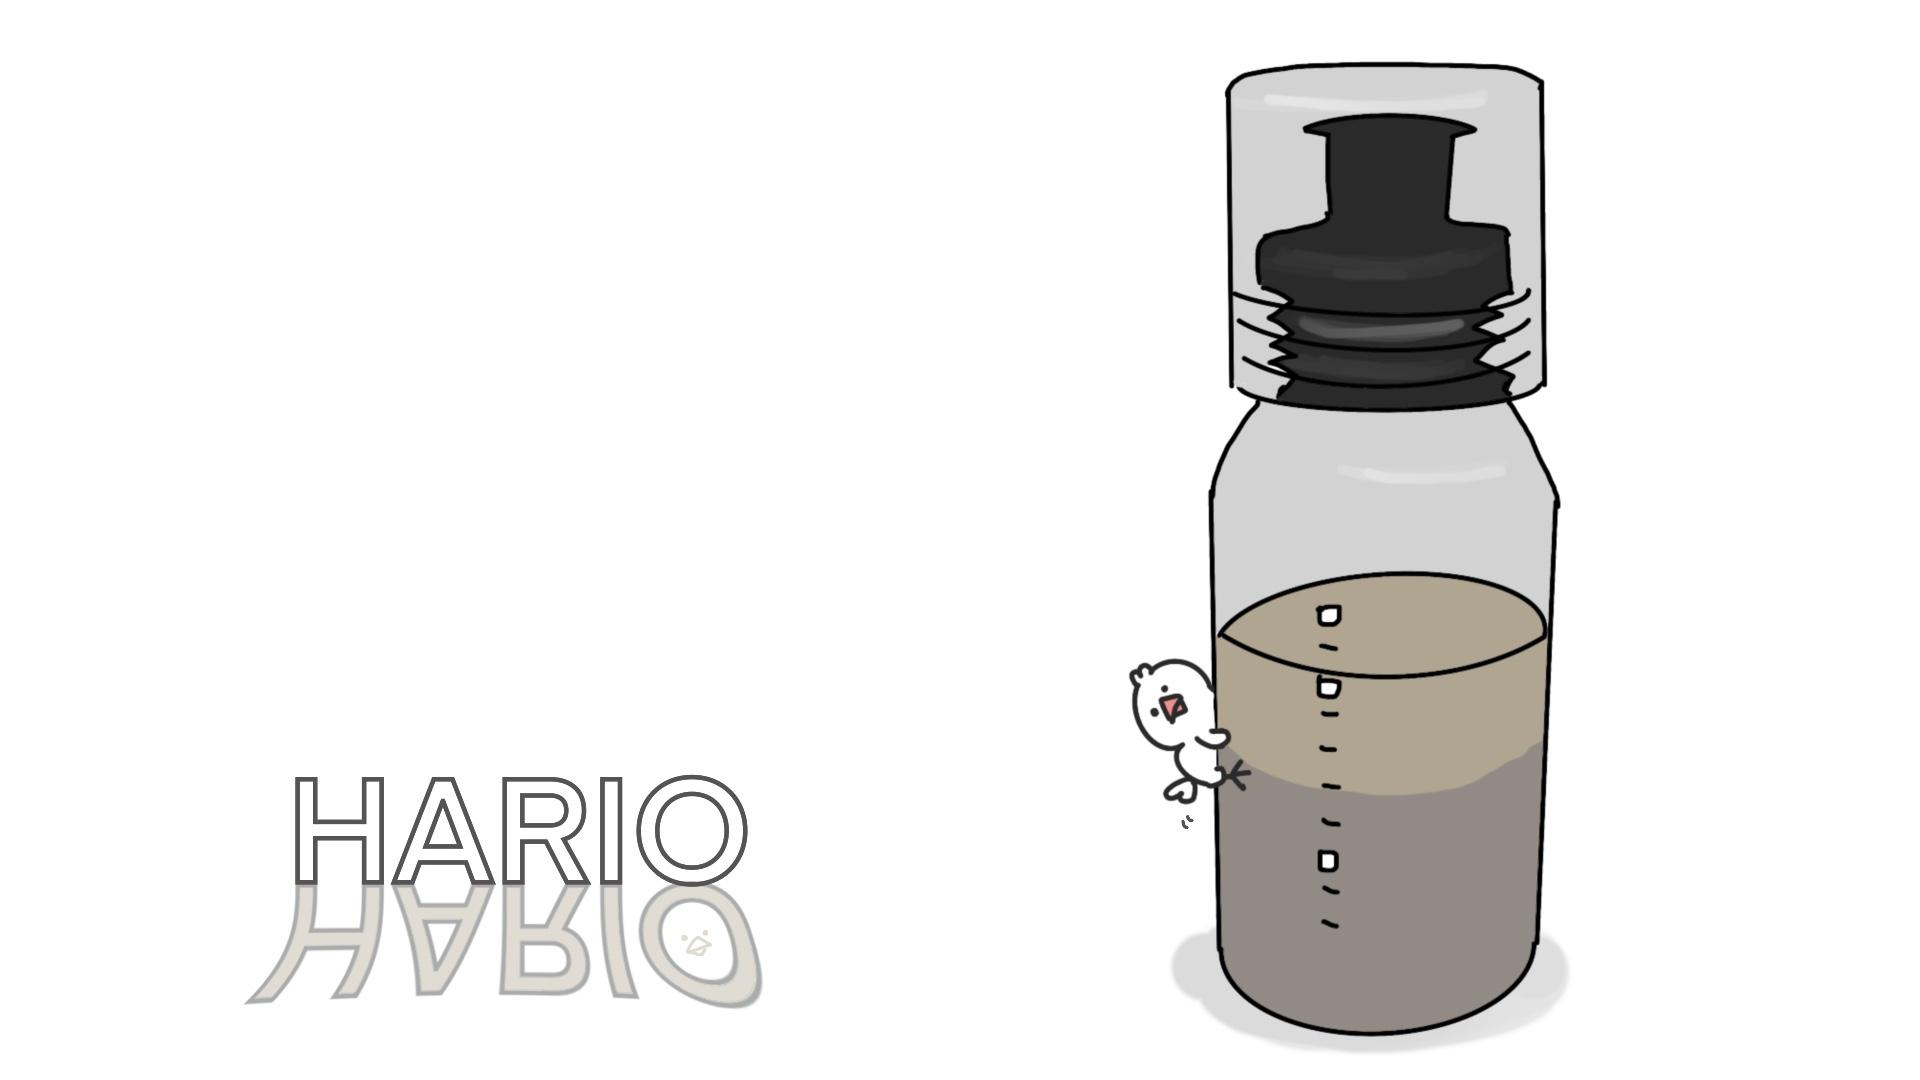 HARIOドレッシングボトルを使っての感想!